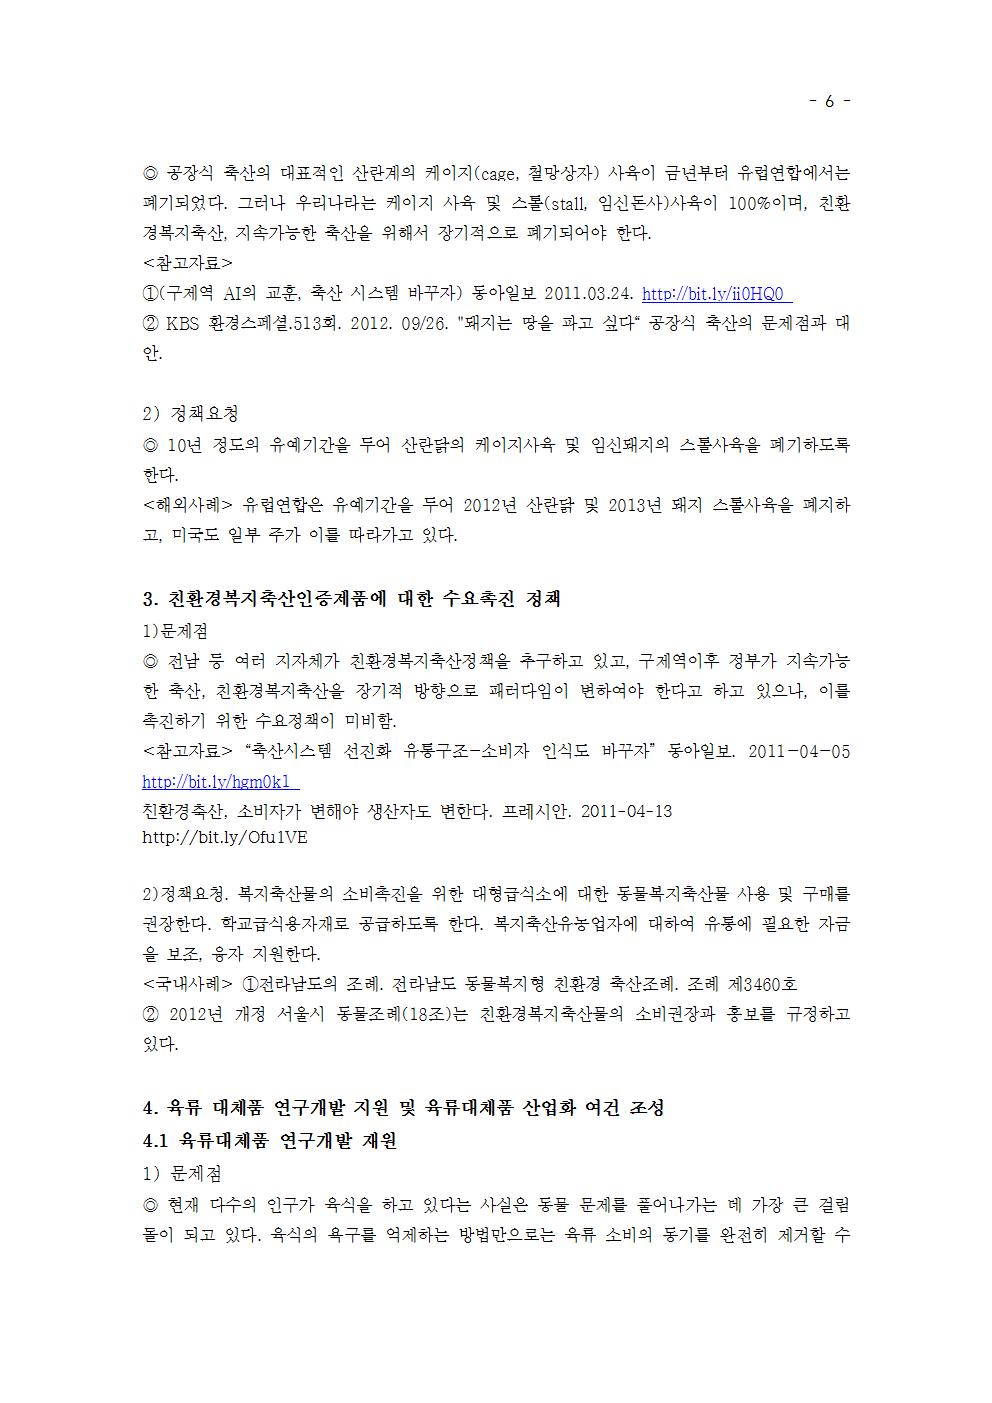 제안서_2012_대선3후보_게시_단축009.png